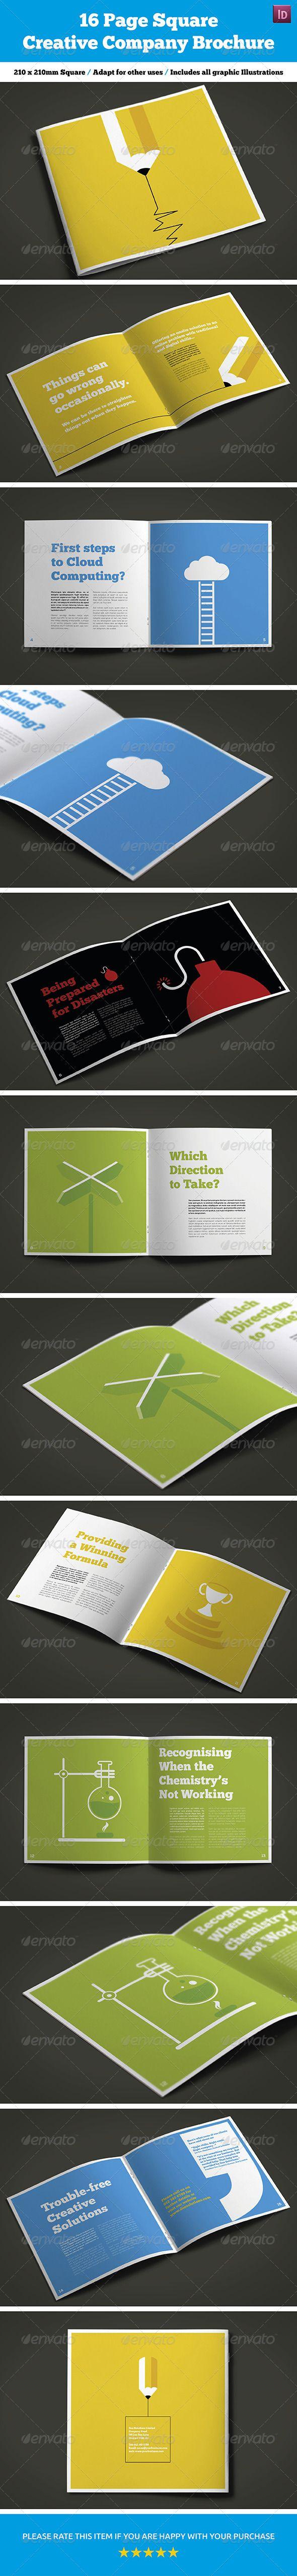 16 Page Square Creative Company Brochure